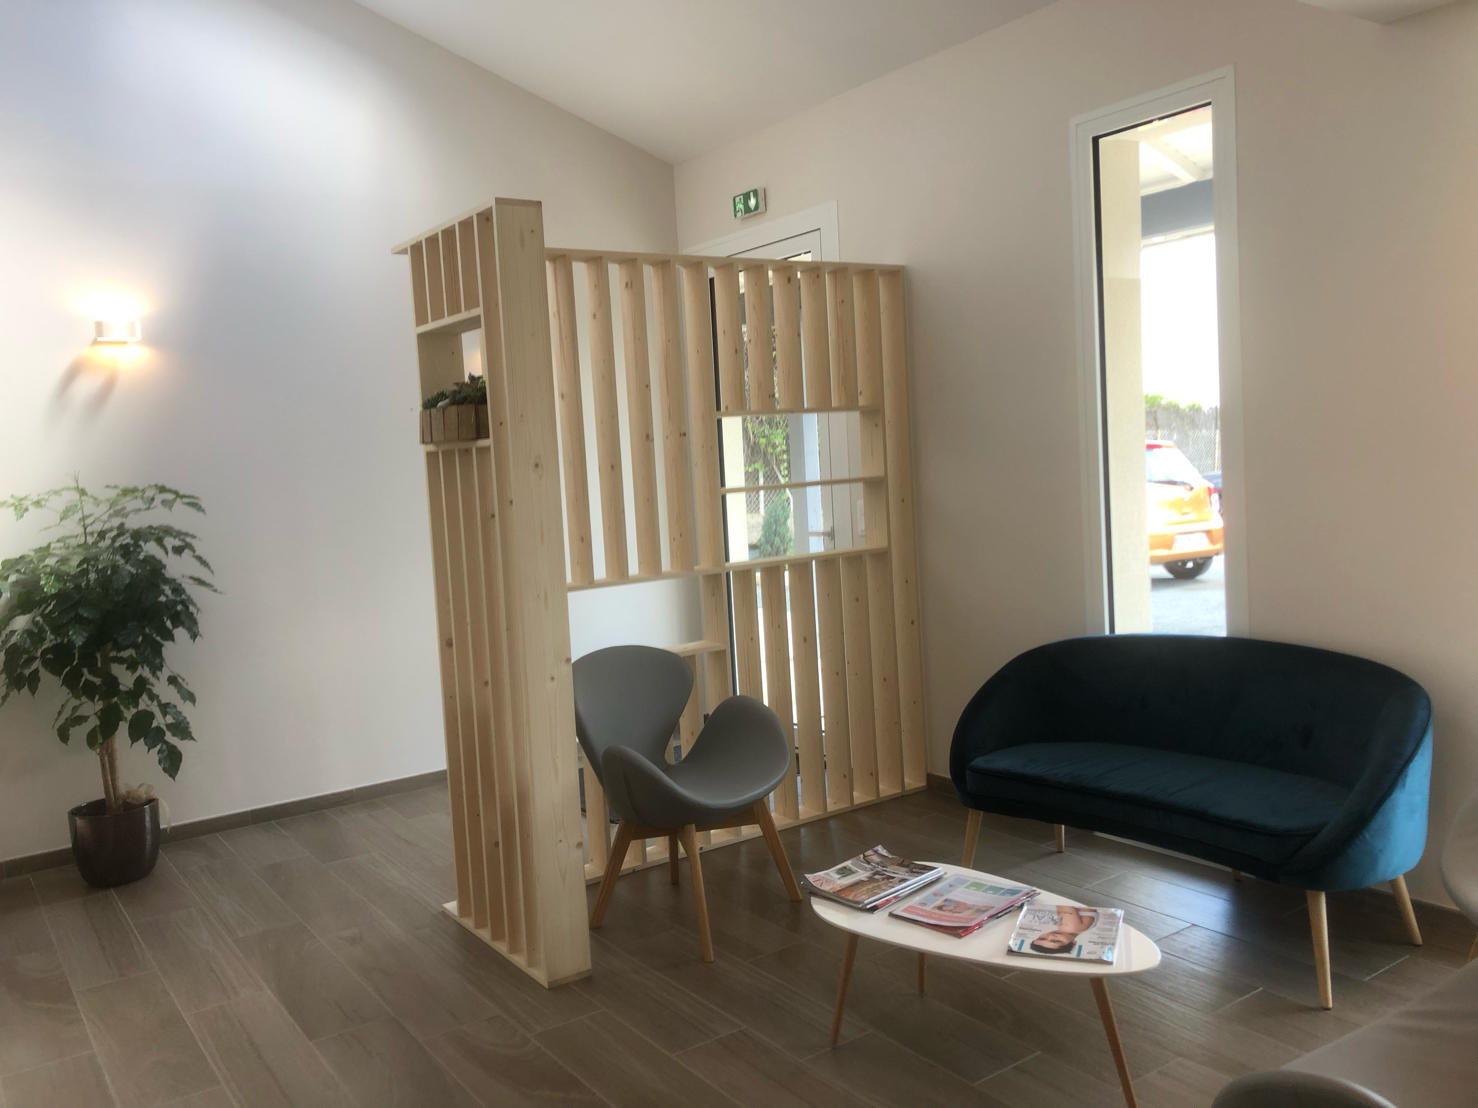 Rénovation d'un cabinet médial en Dordogne par l'entreprise de peinture Marcillac et fils